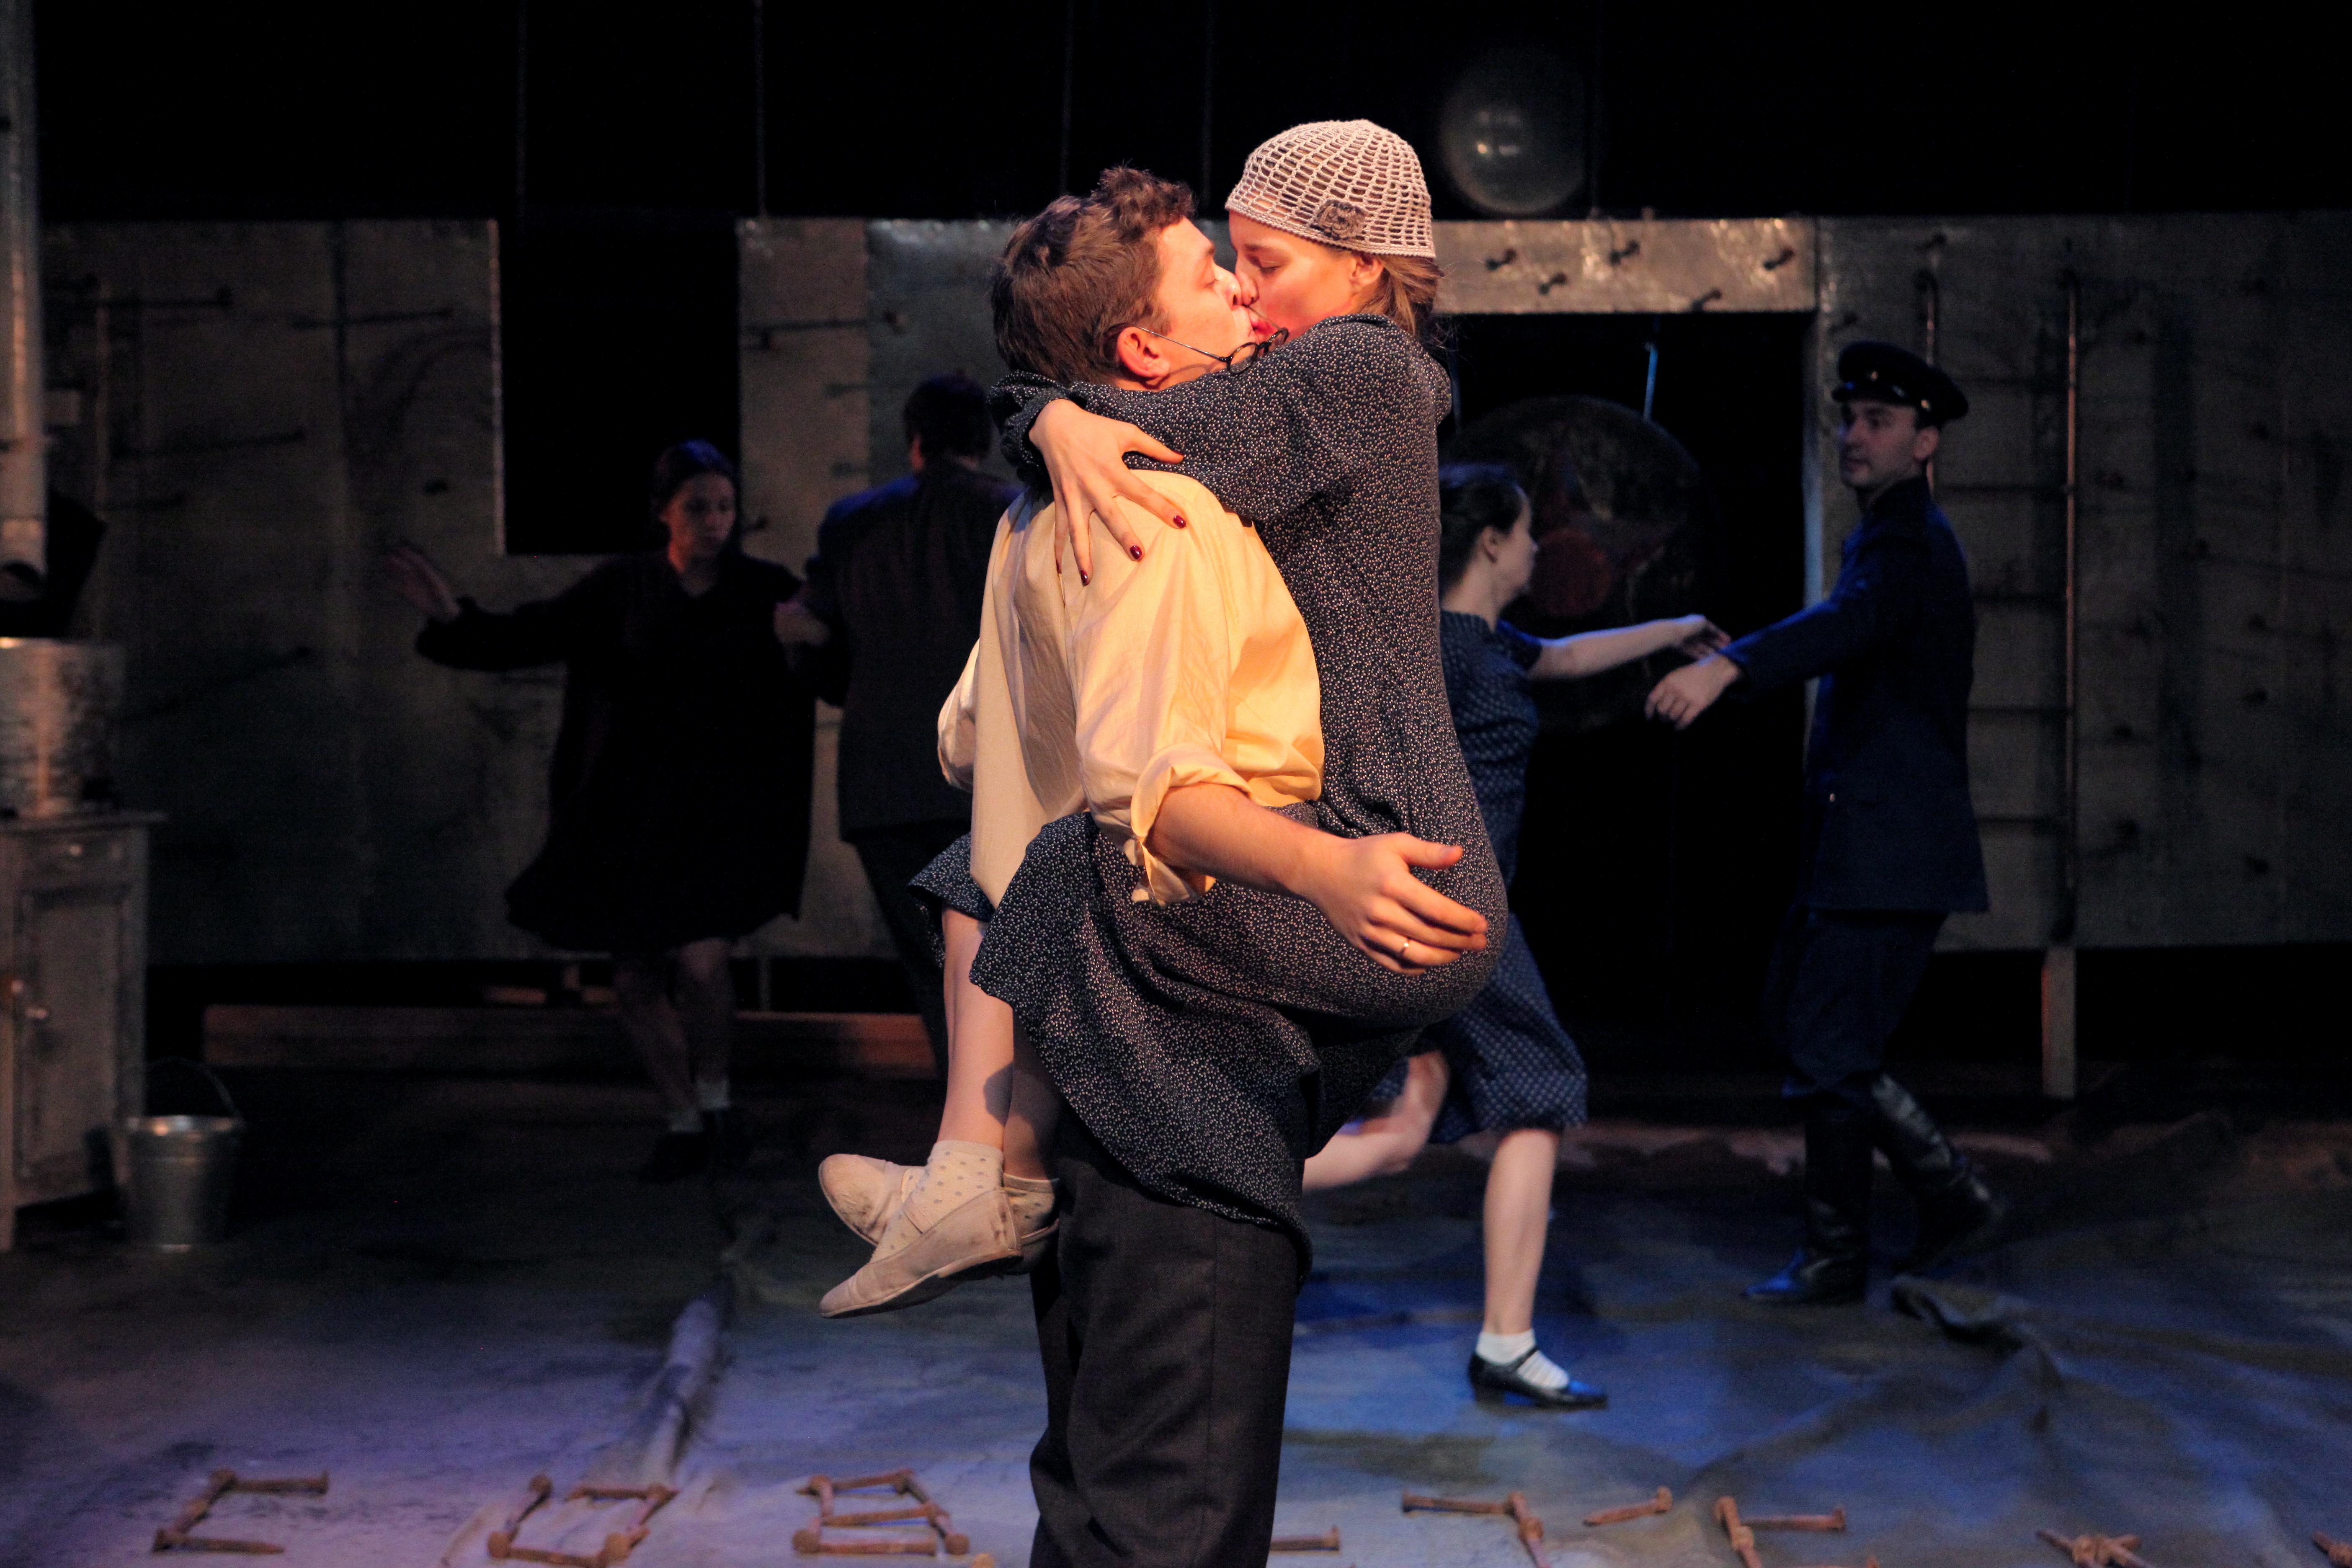 Премьера в Театре драмы: в спектакль по Платонову позвали непрофессиональных актеров